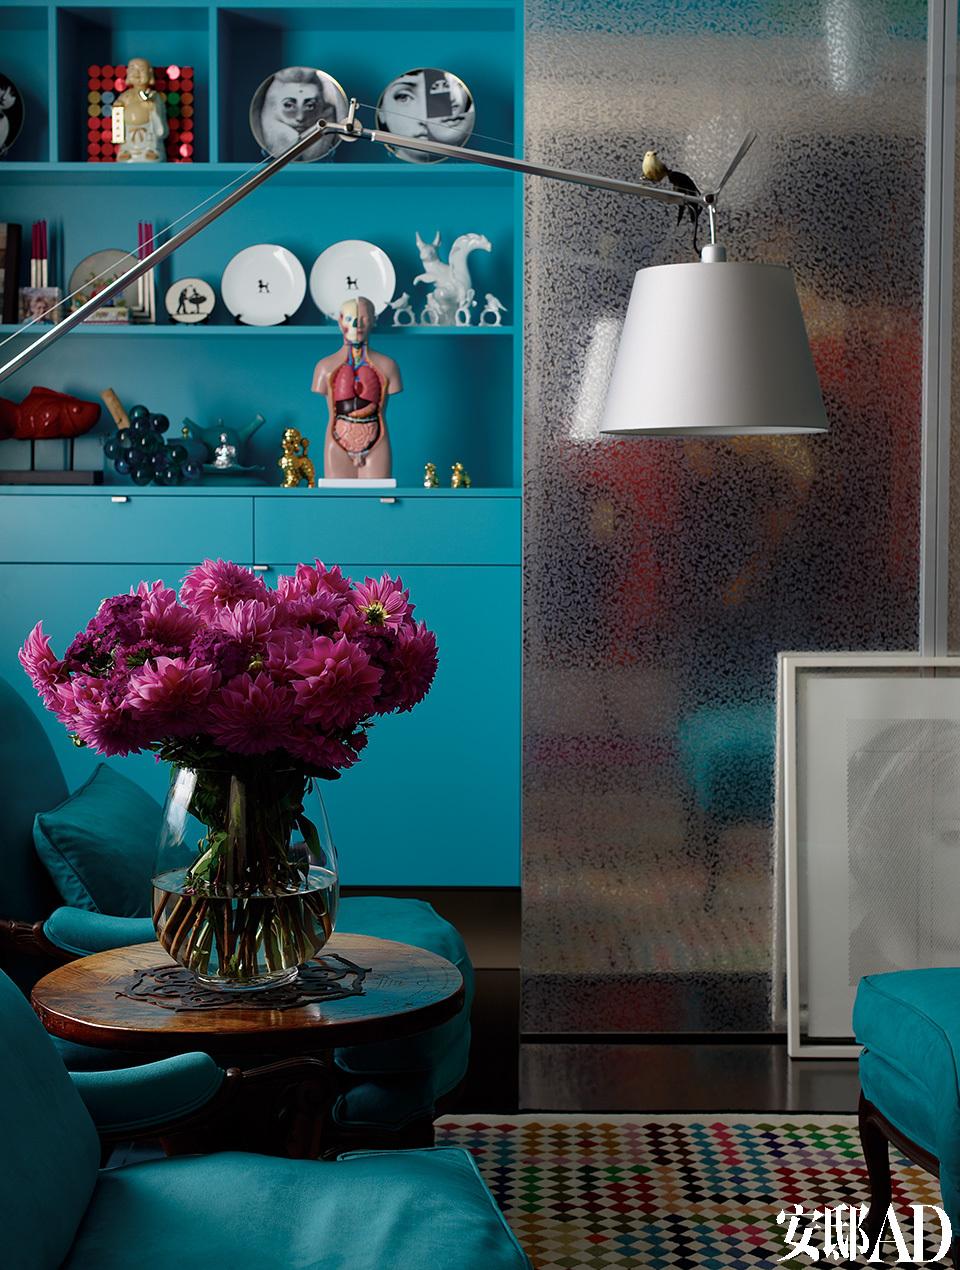 储物架上的解剖学模型来自香港,餐盘来自Fornasetti。储物柜为银色轧花层压板材质,来自Abet Laminati,墙面选用了多乐士的Turquoise Tiara涂料。